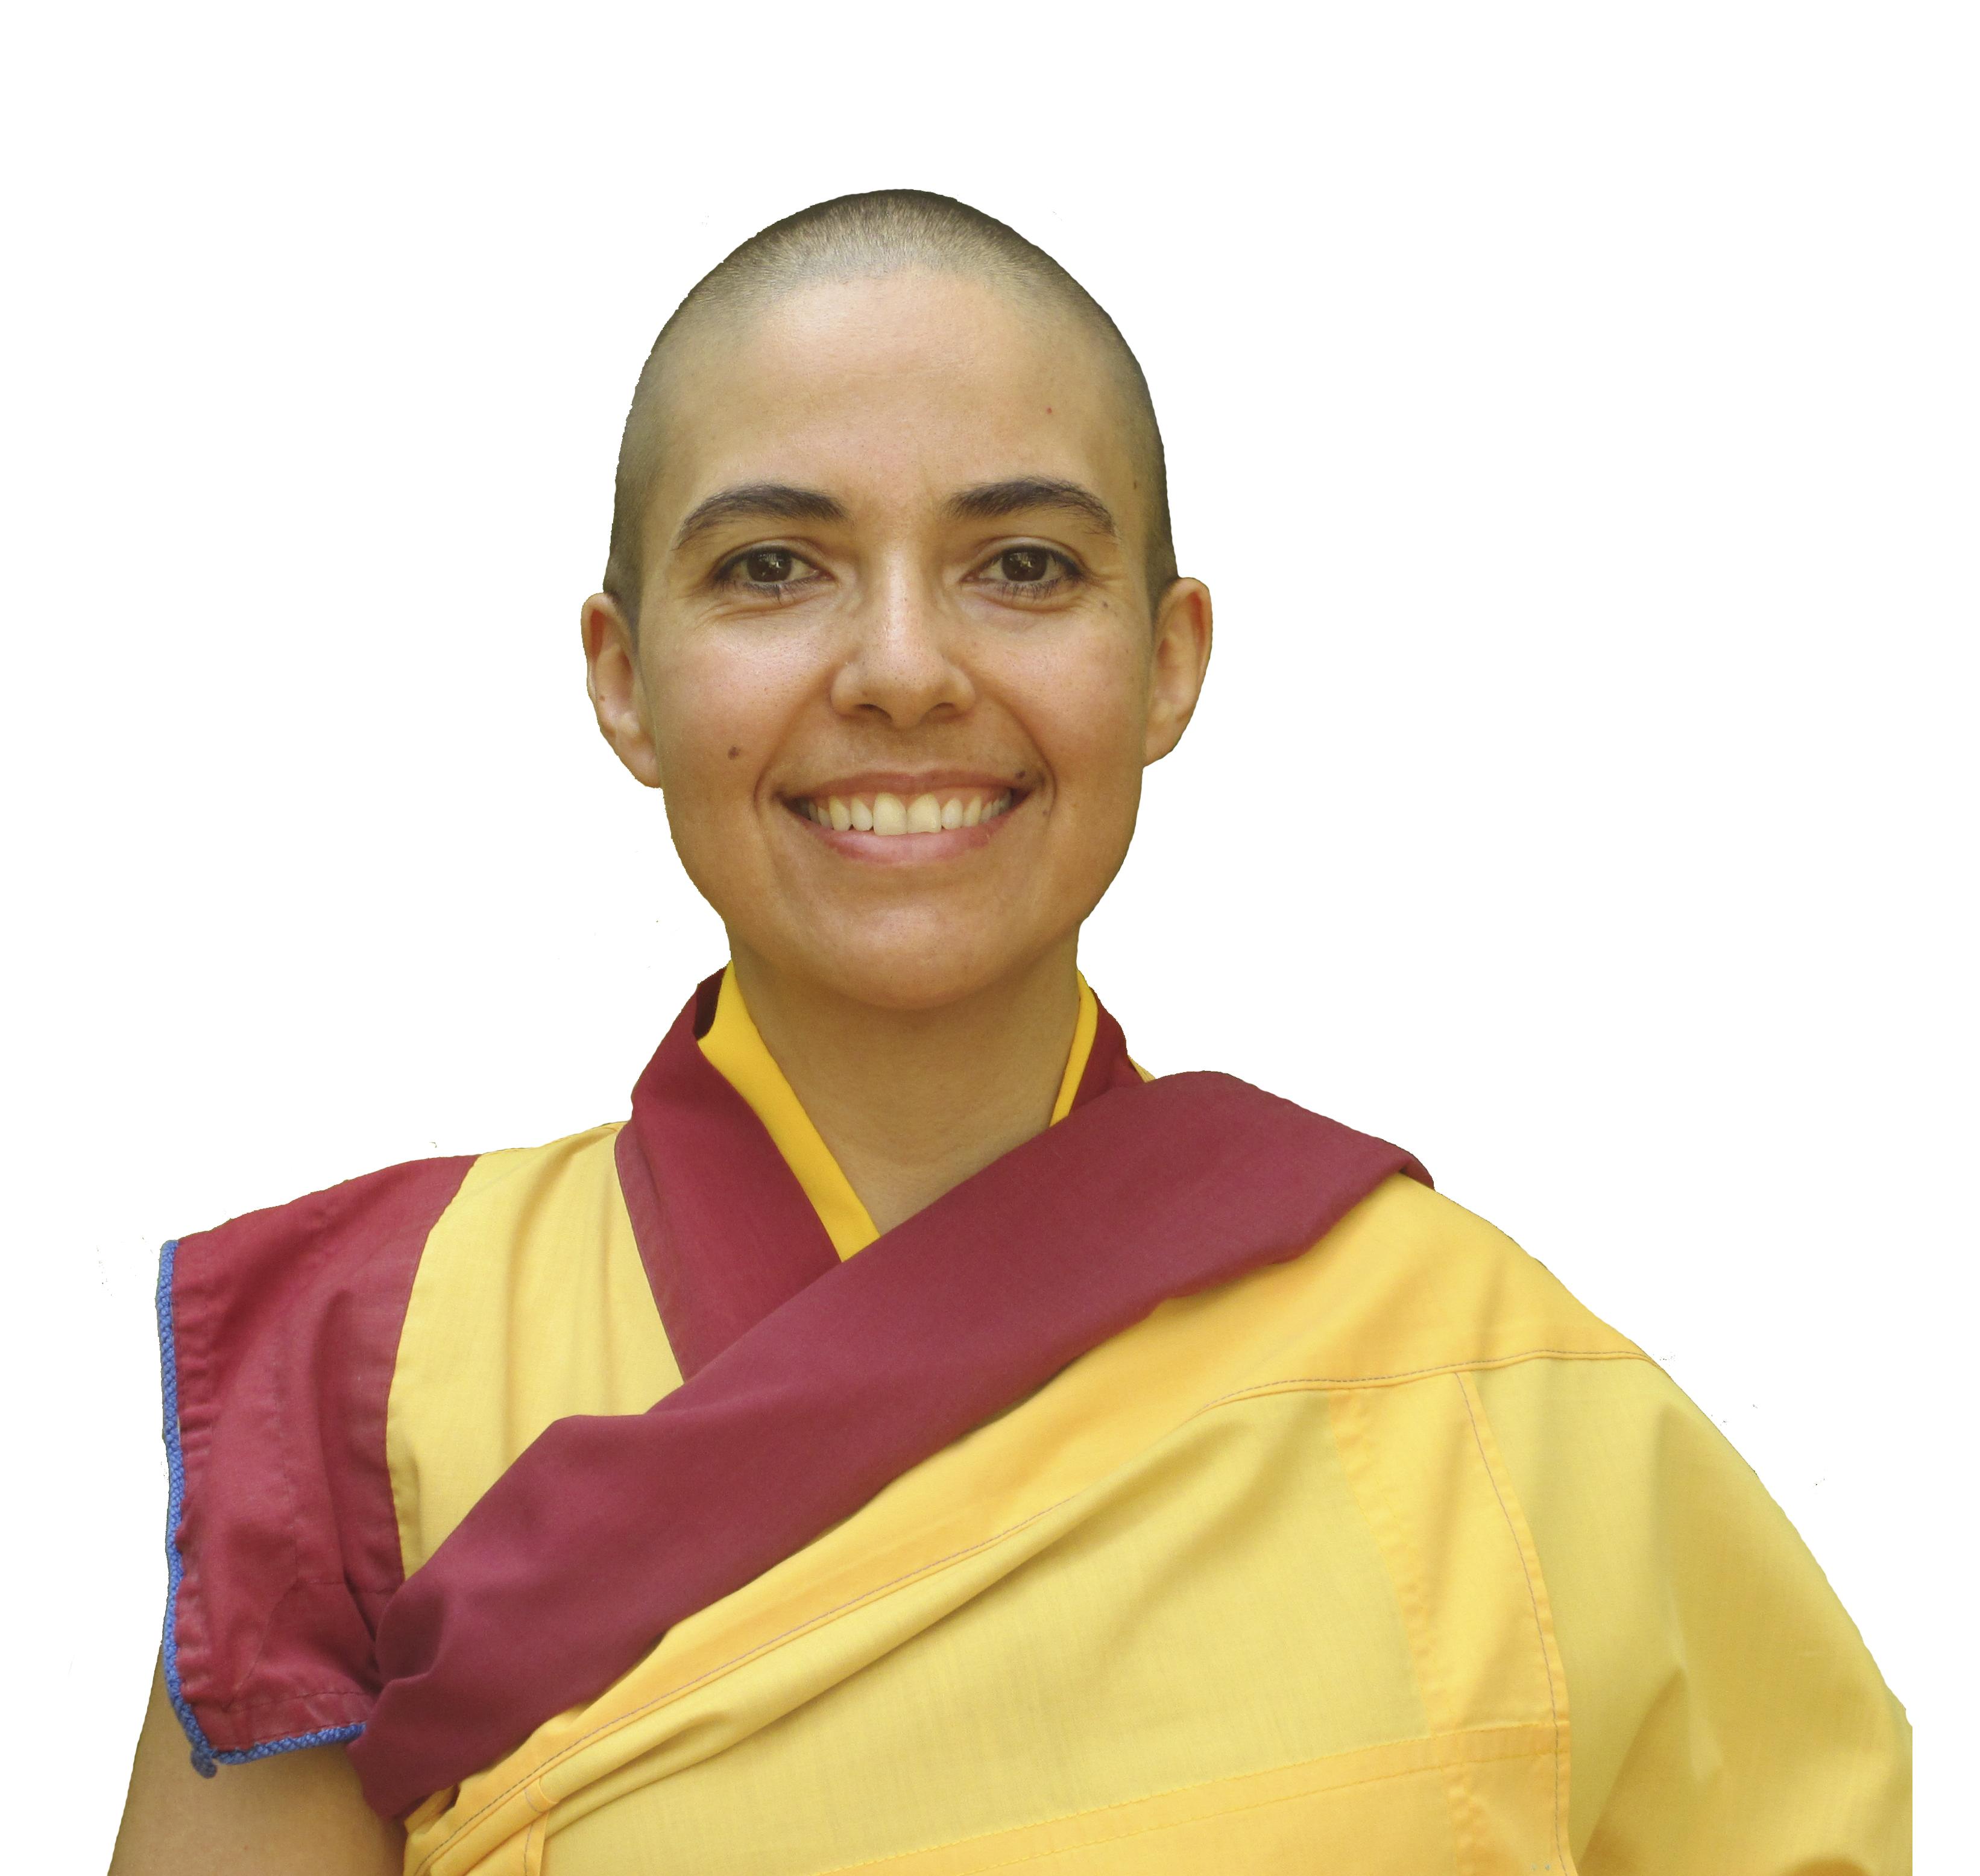 Guen Kelsang Chime, monja budista y maestra principal del Centro Budista Kadampa Compasión.